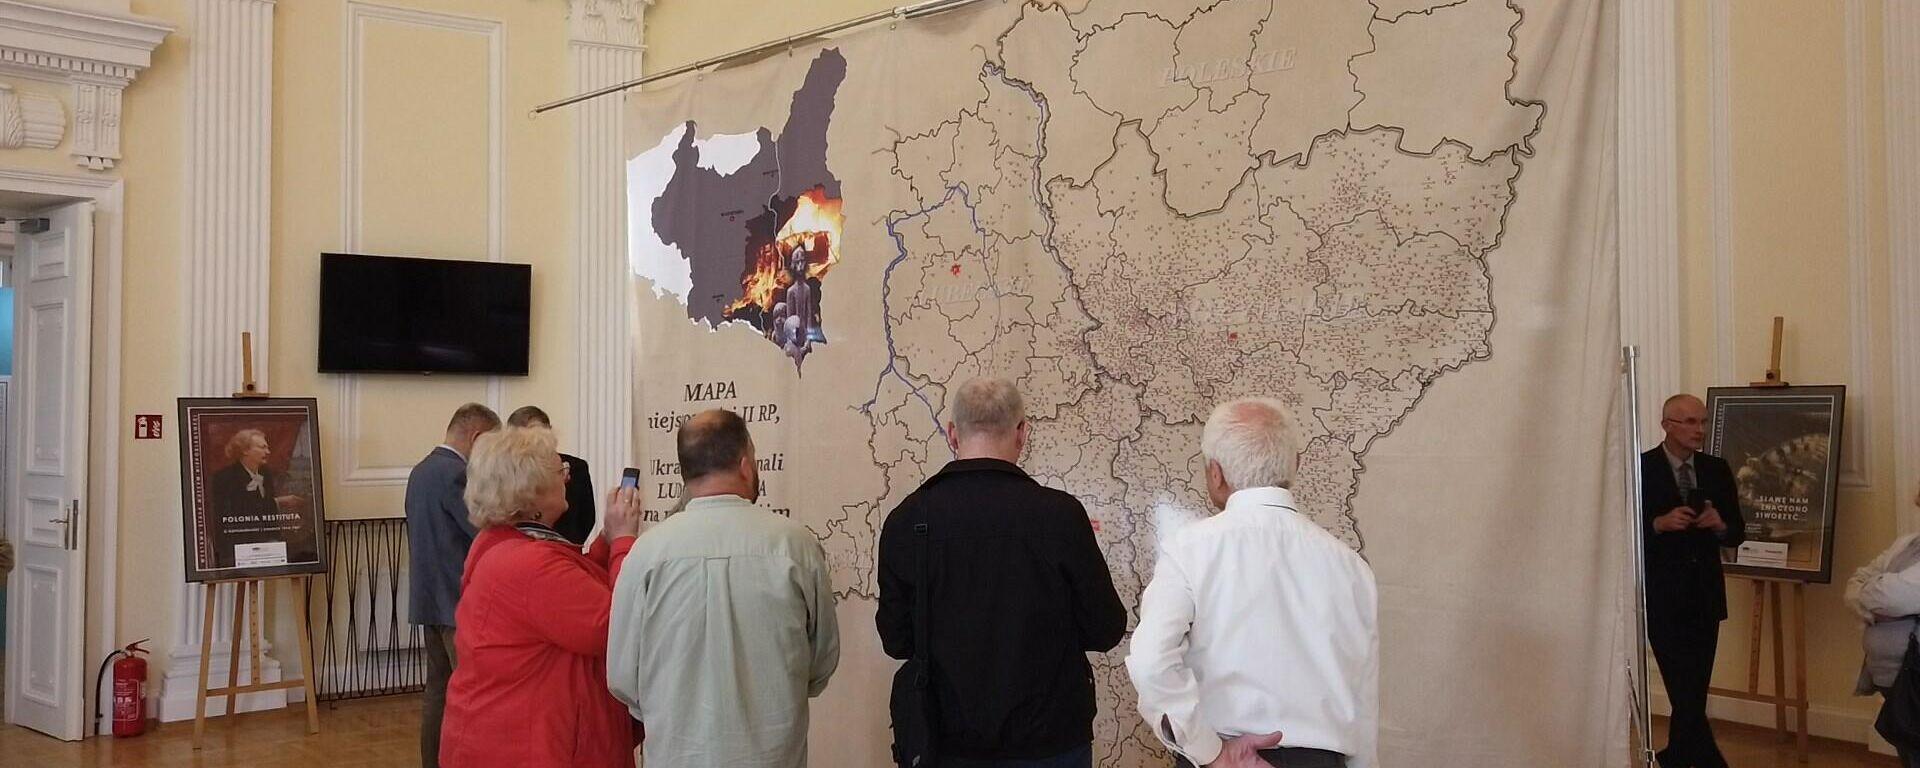 Mapa zbrodni ukraińskich w Muzeum Niepodległości - Sputnik Polska, 1920, 31.08.2021